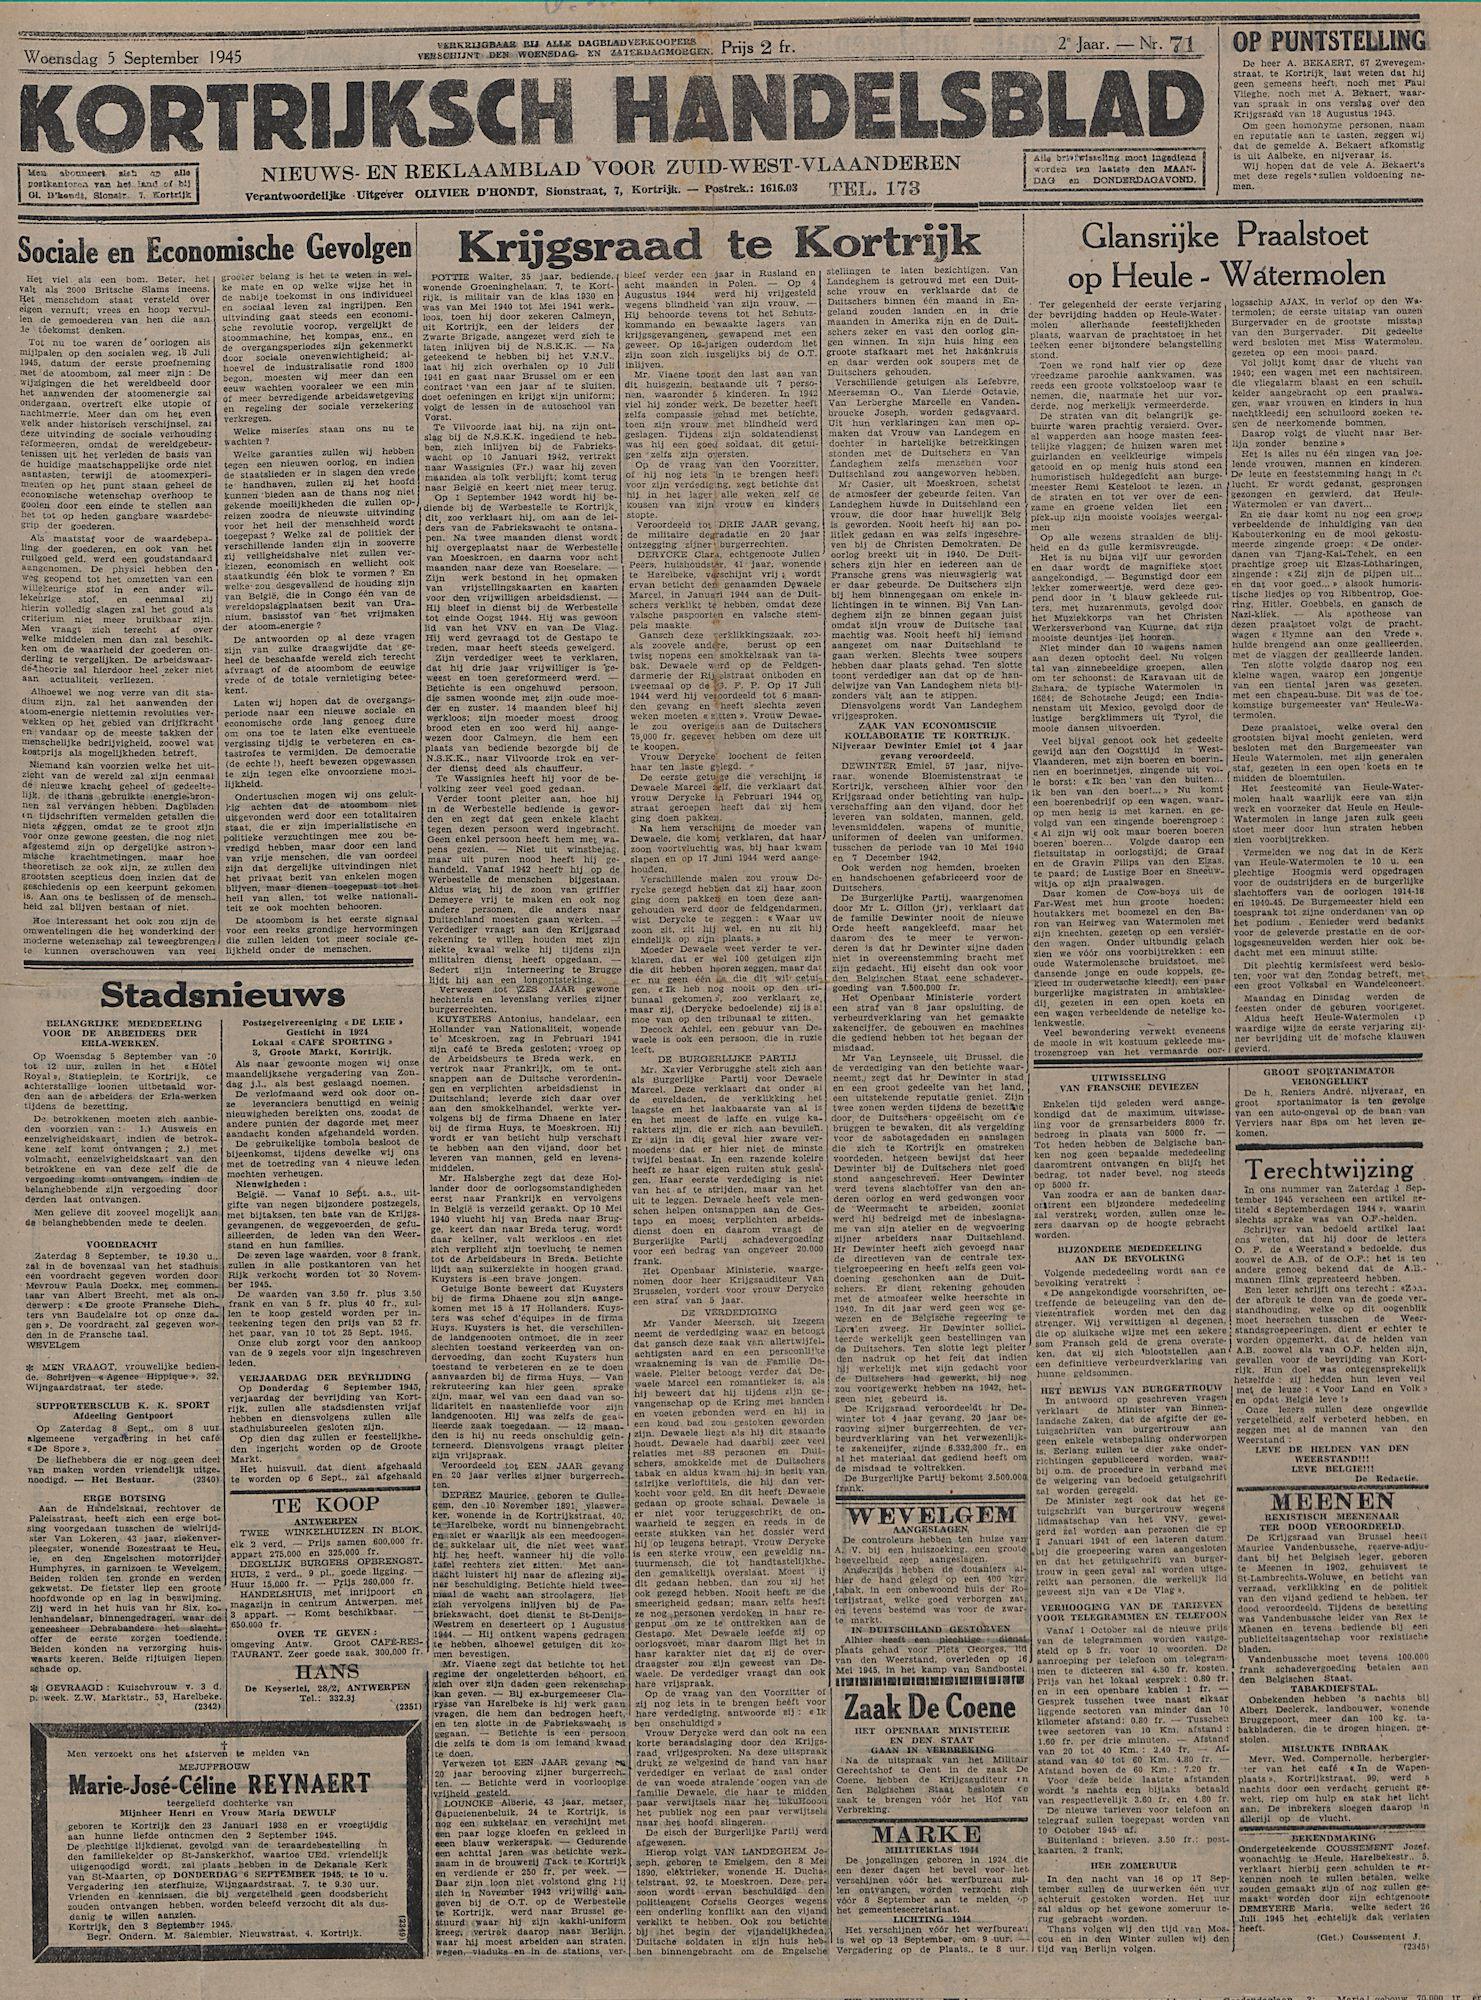 Kortrijksch Handelsblad 5 september 1945 Nr71 p1